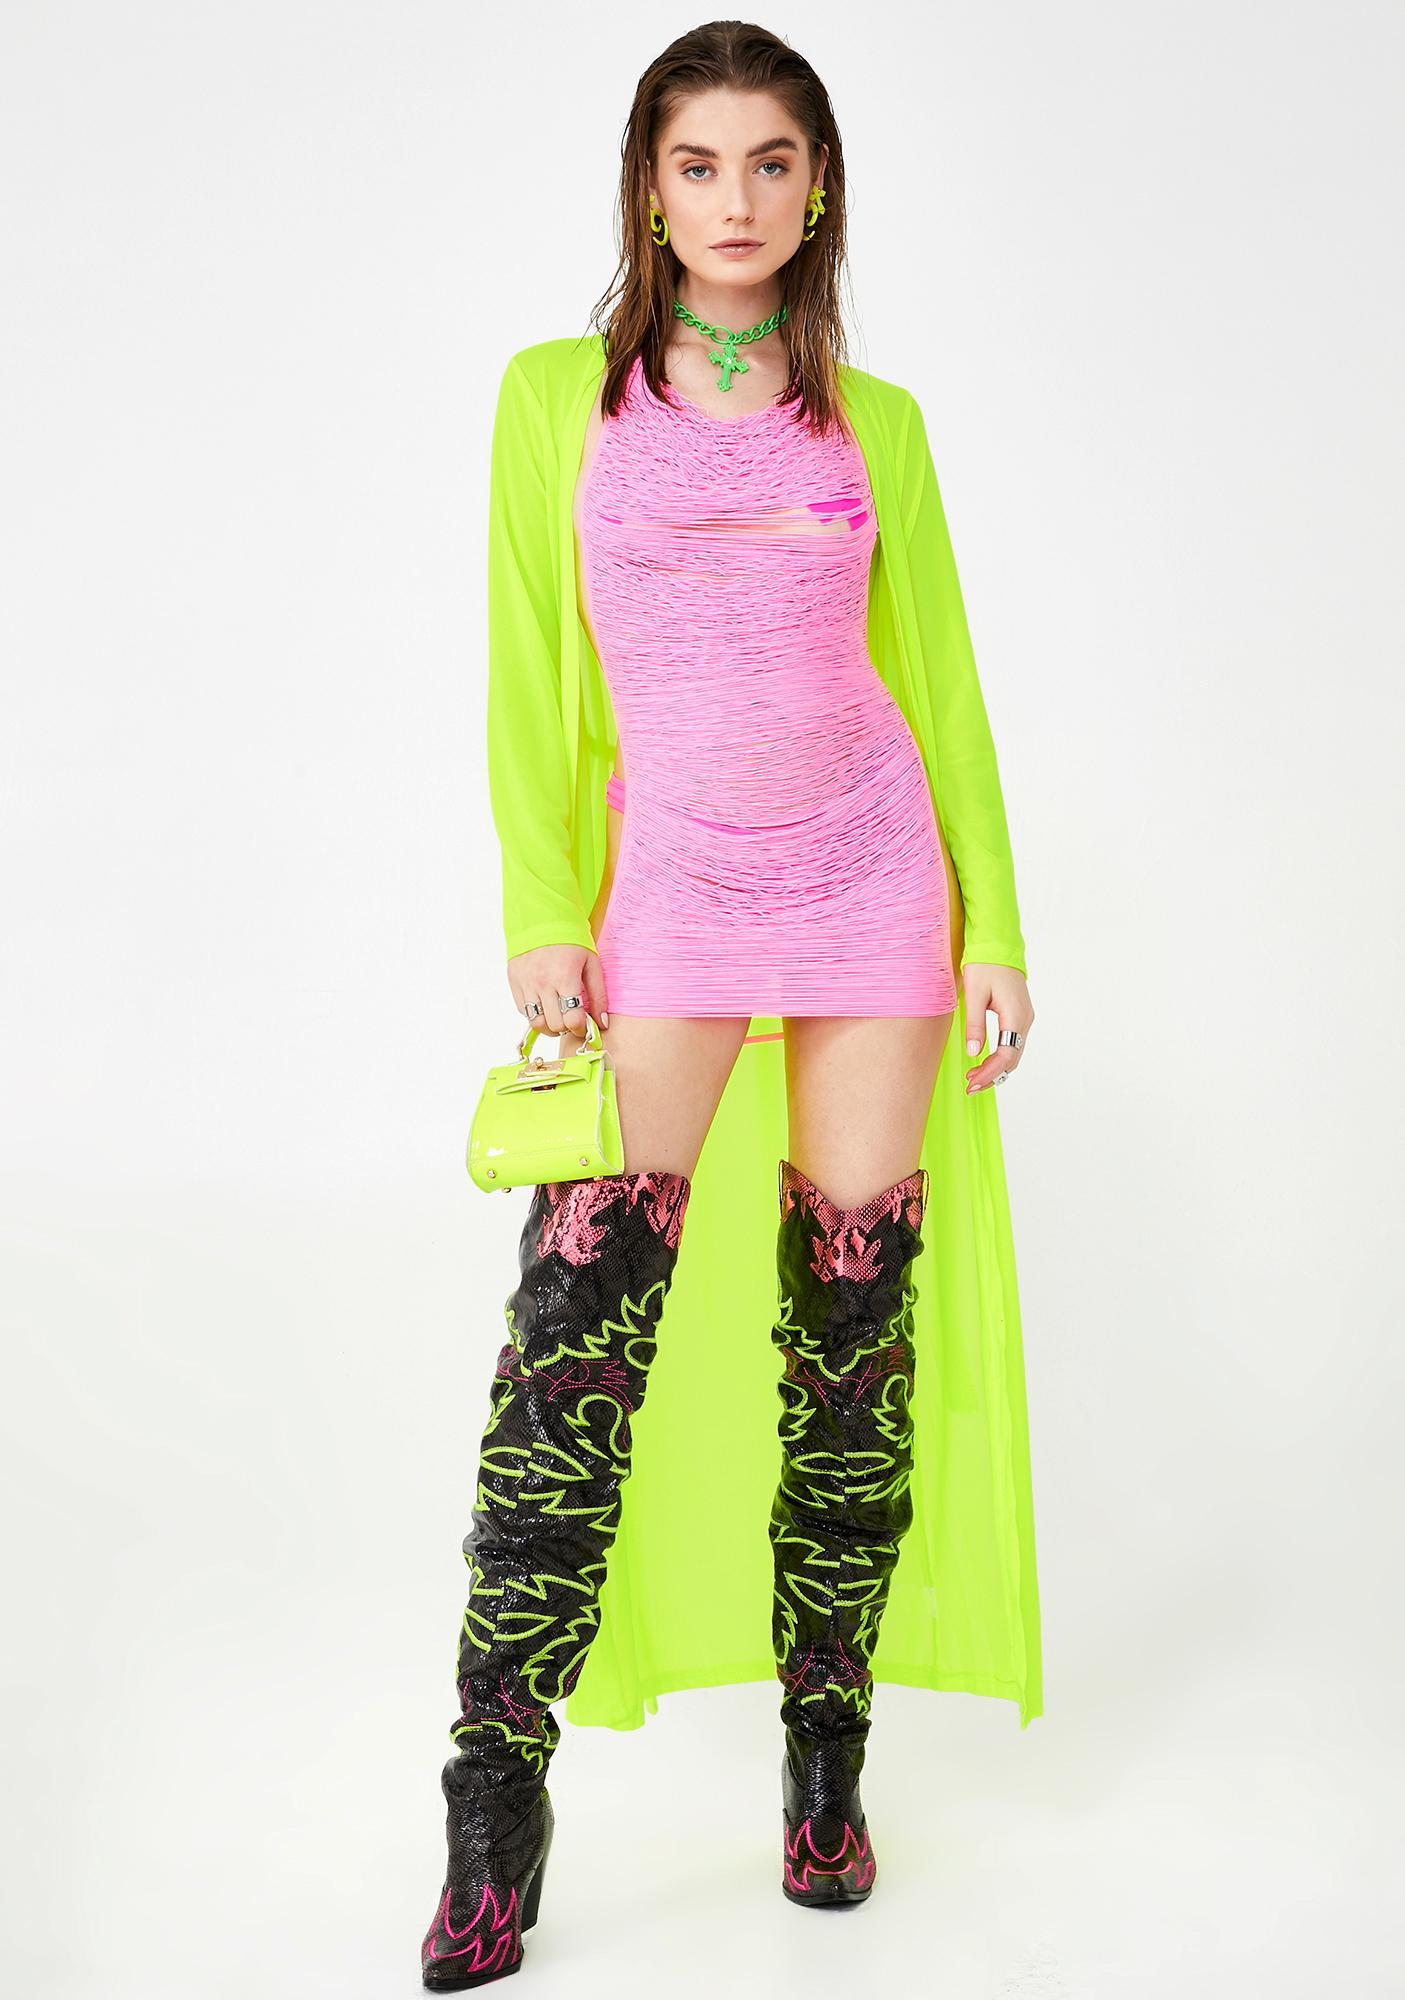 Get Some Halter Dress